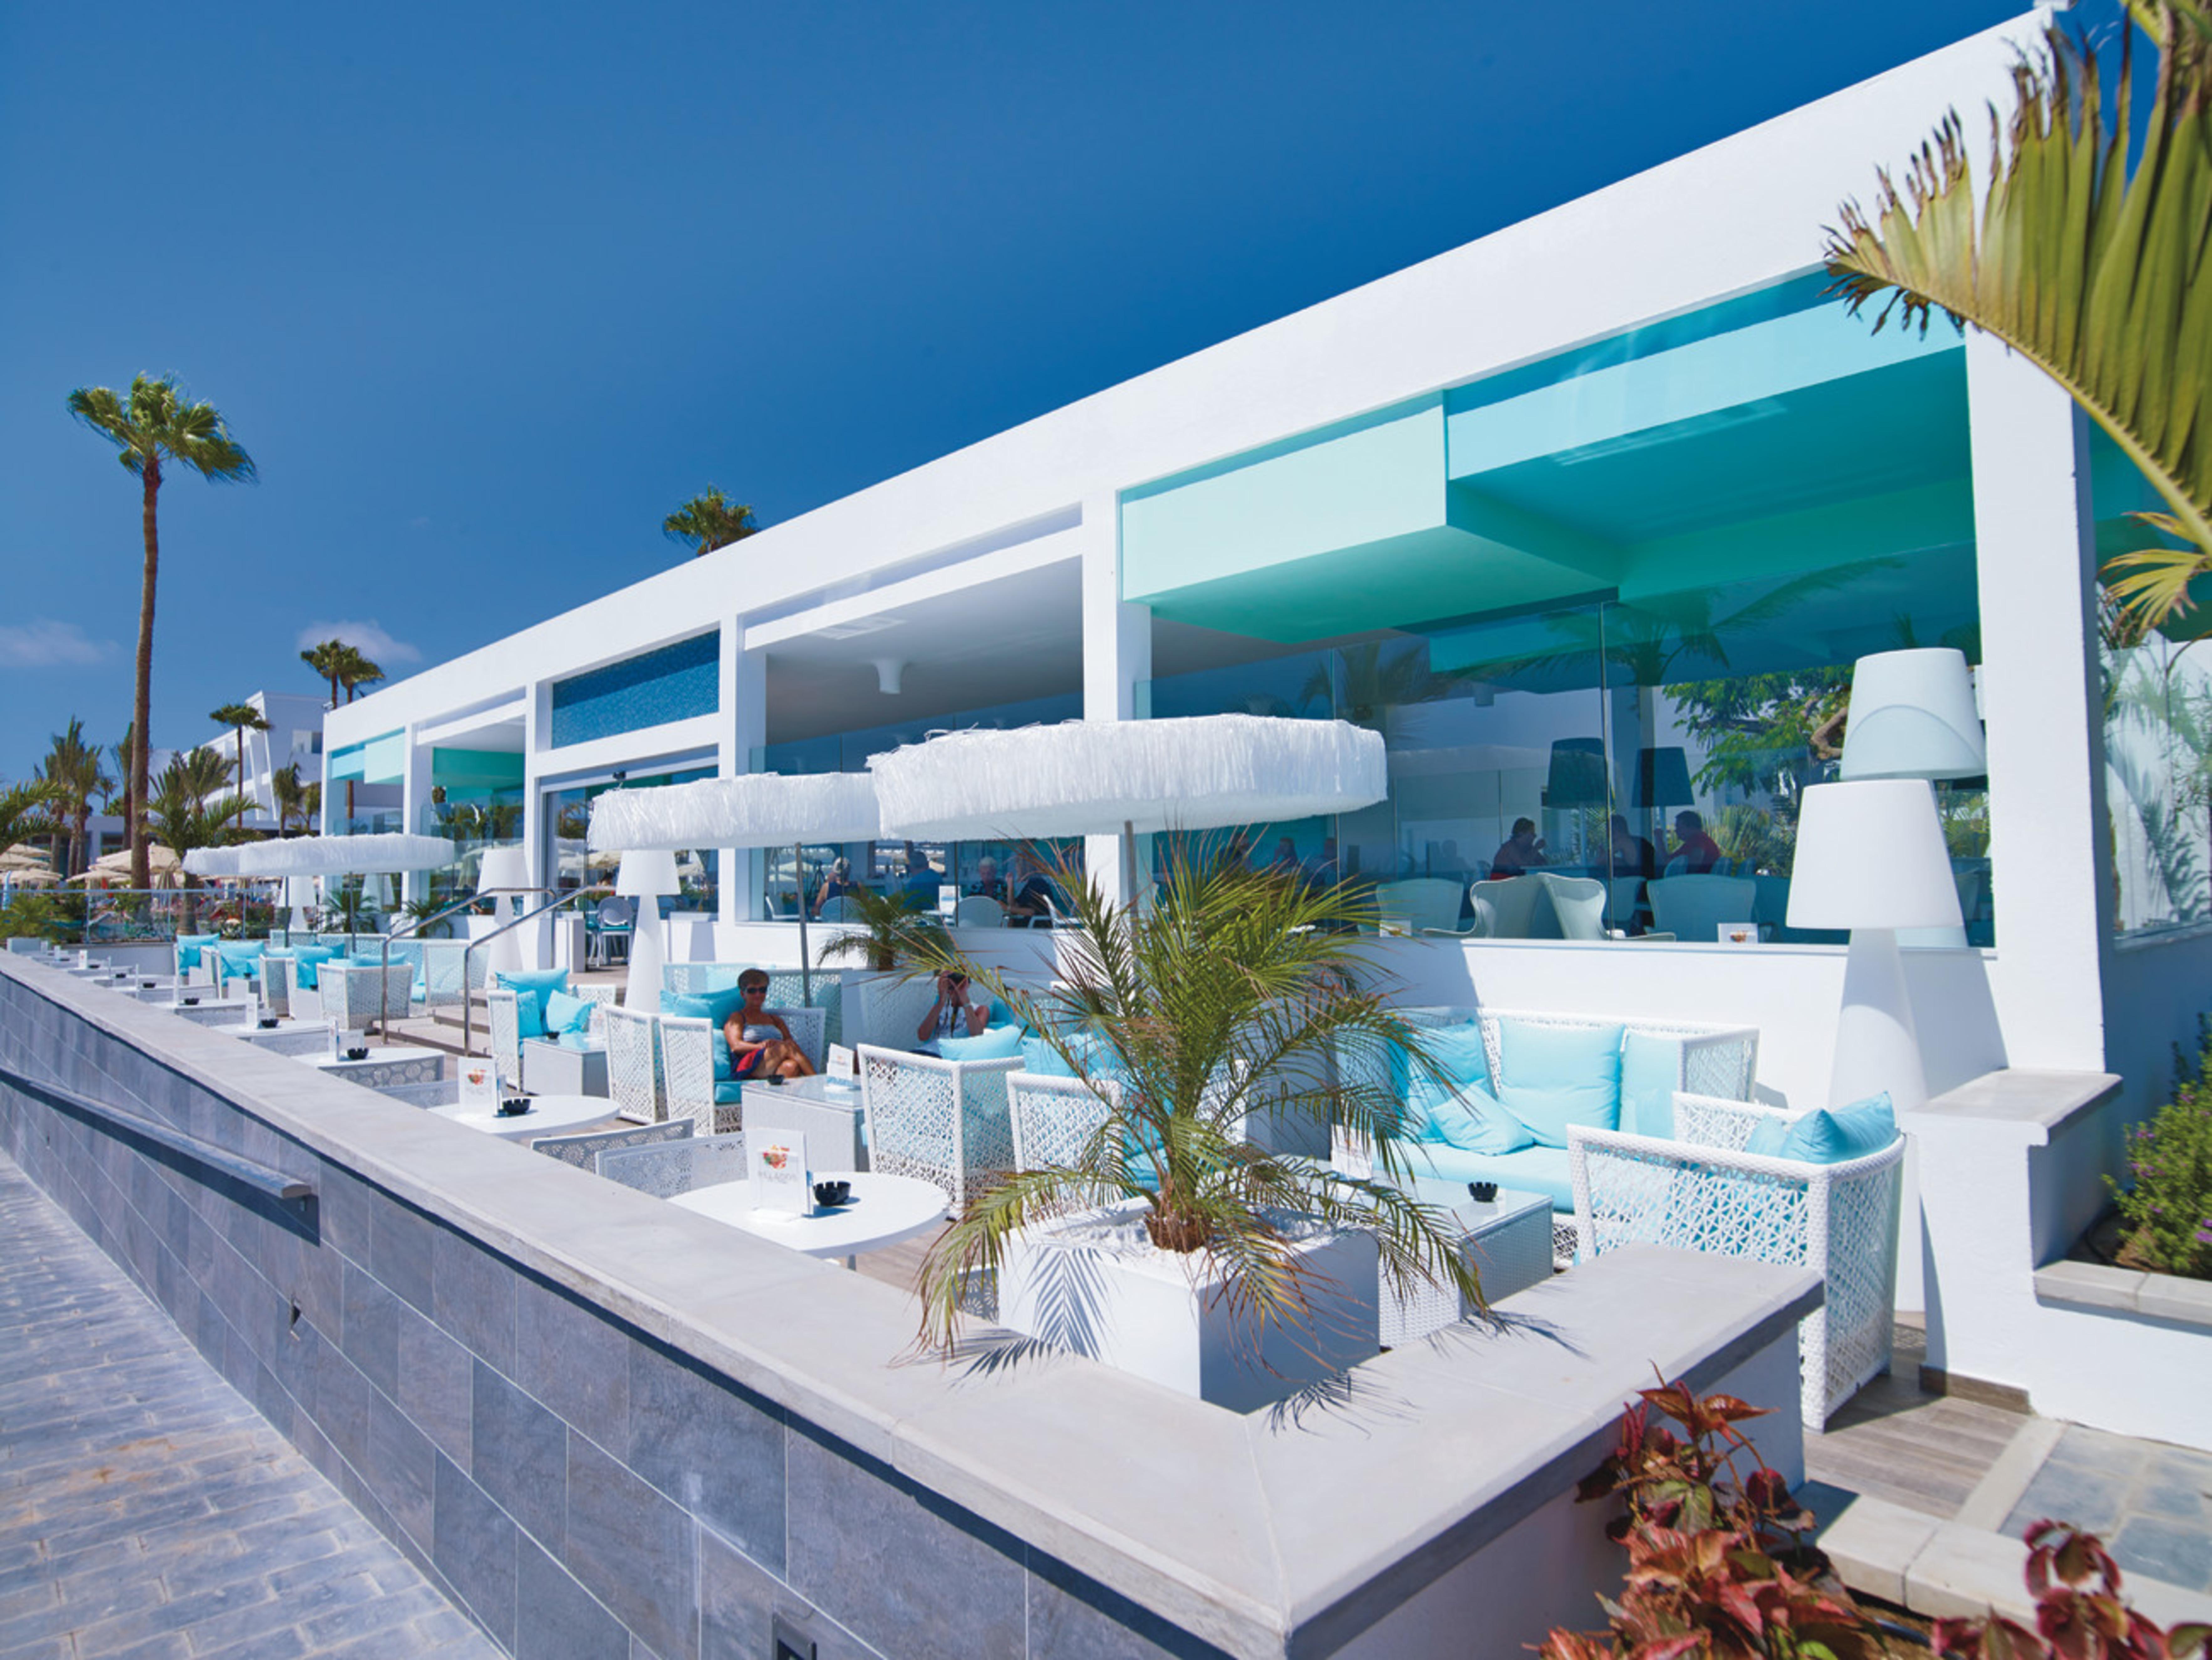 Riu Palace Meloneras, ein unvergessliches Hotel : RIU.com | Blog